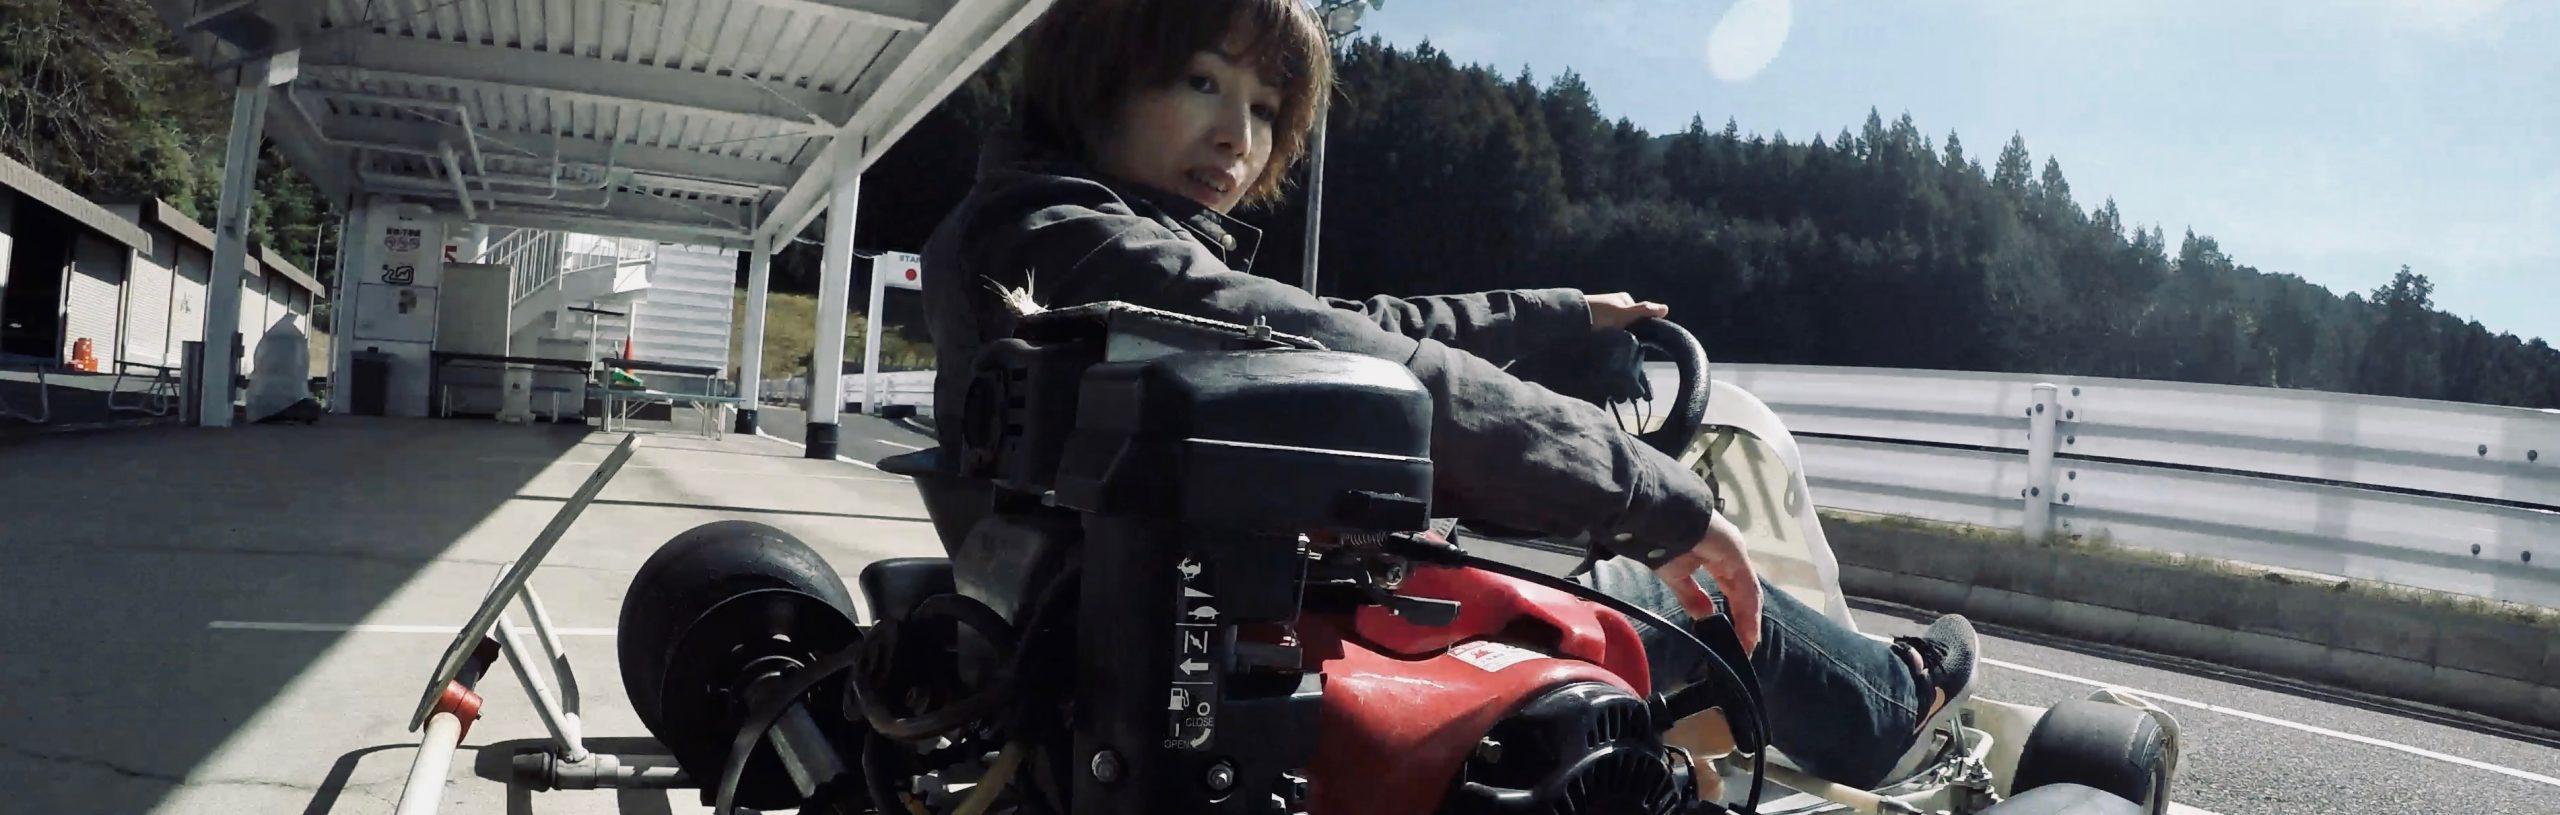 バイク議連、女子、タレント。コロナ禍でオートバイの話題が豊富になったけど・・・・。